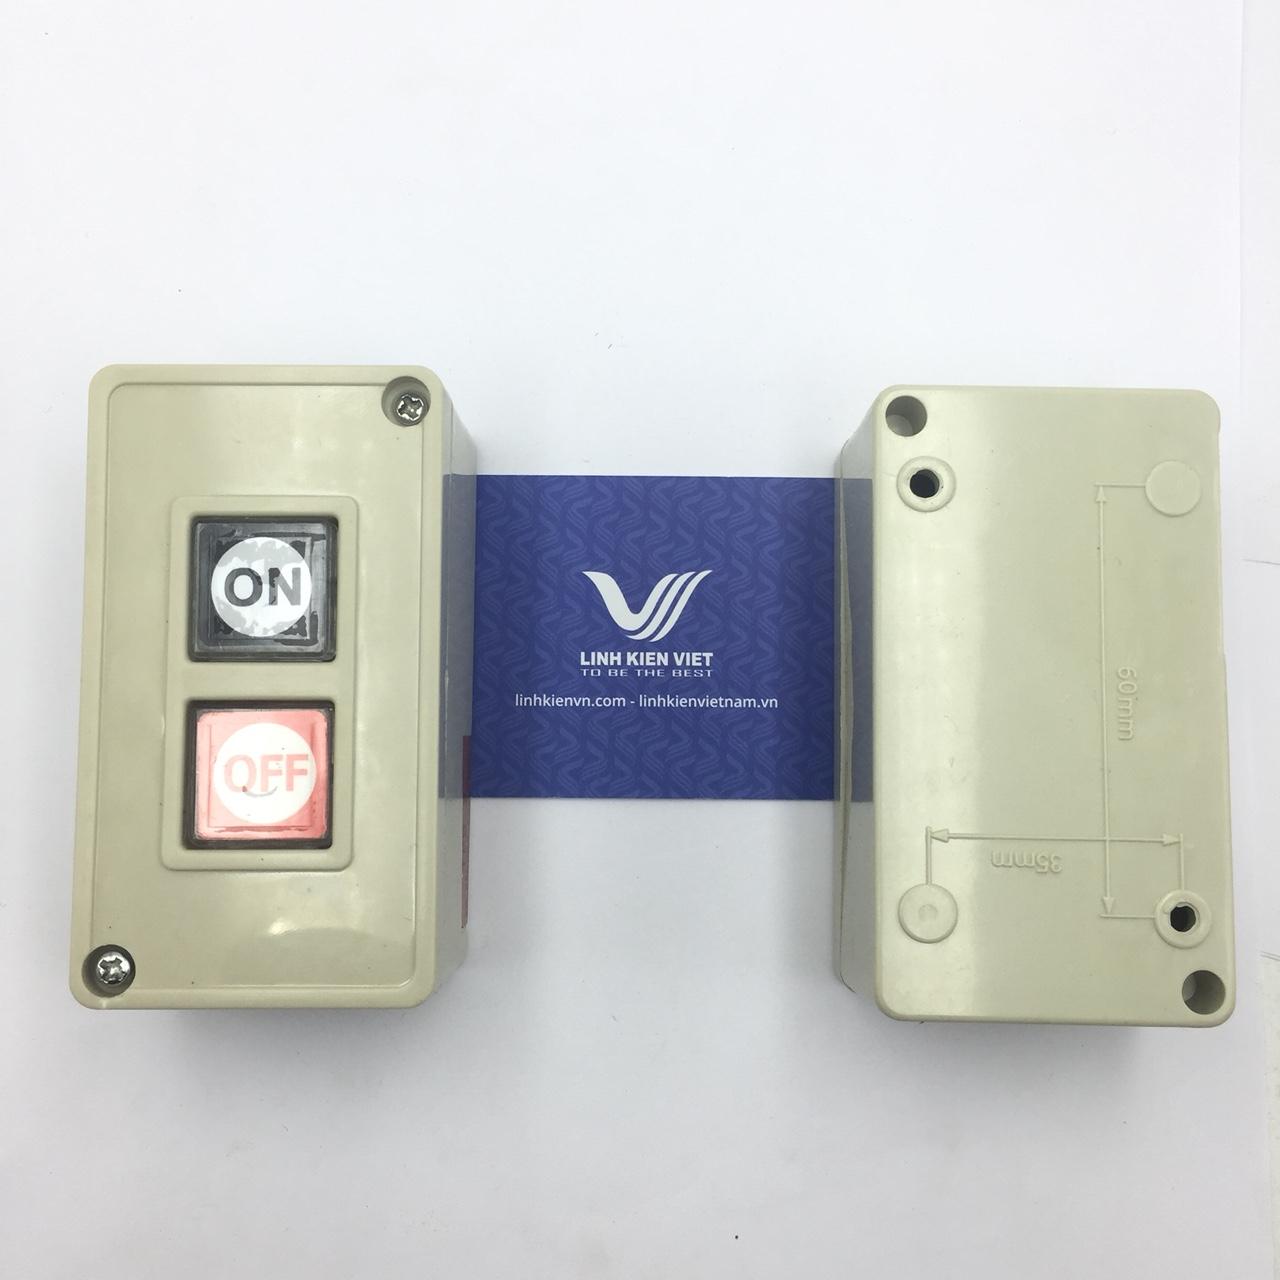 HỘP NÚT NHẤN TPB-2 3A/250V i9H17